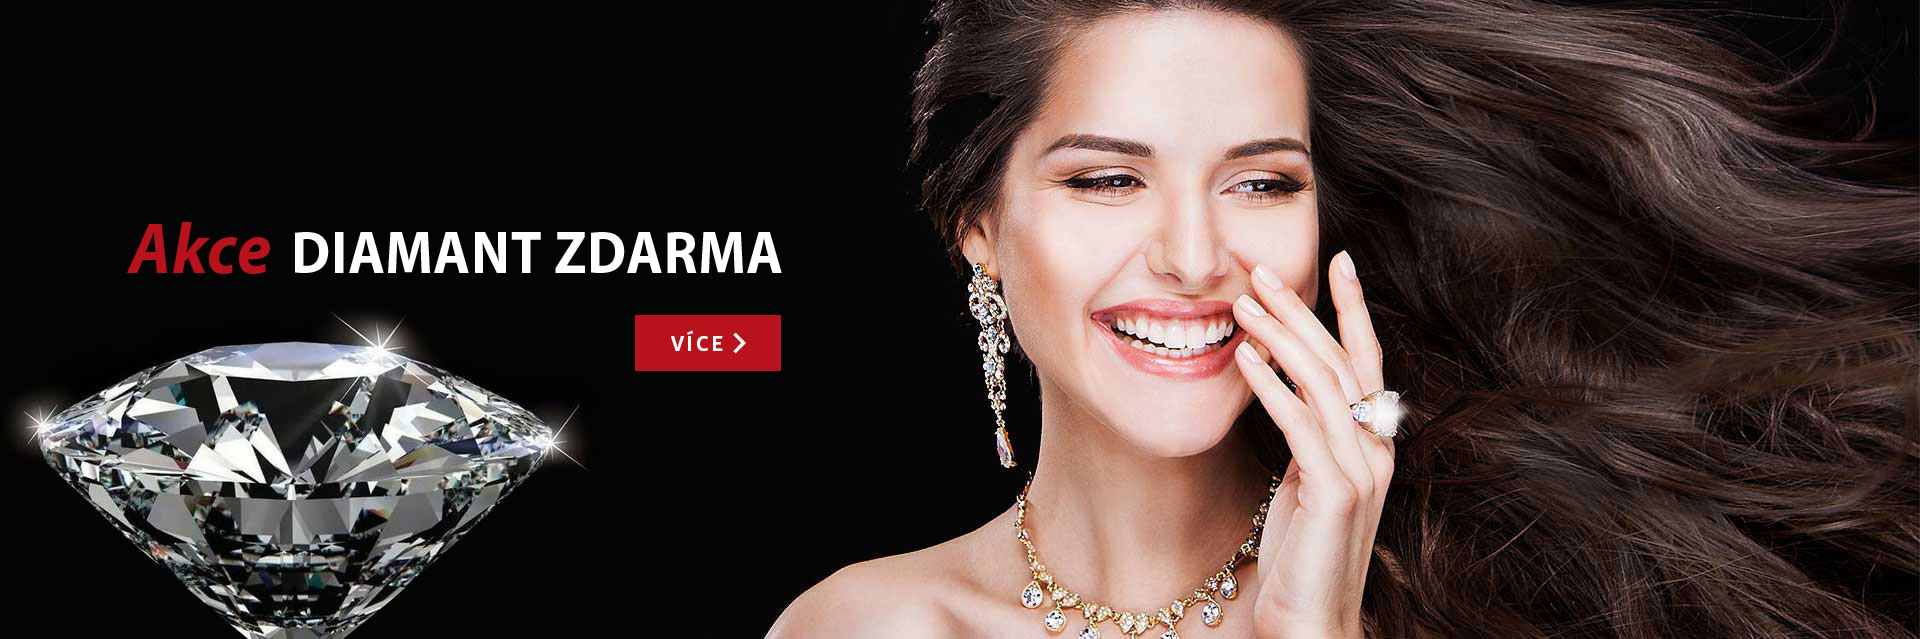 Zlatnictví Brandýs AKCE diamant zdarma